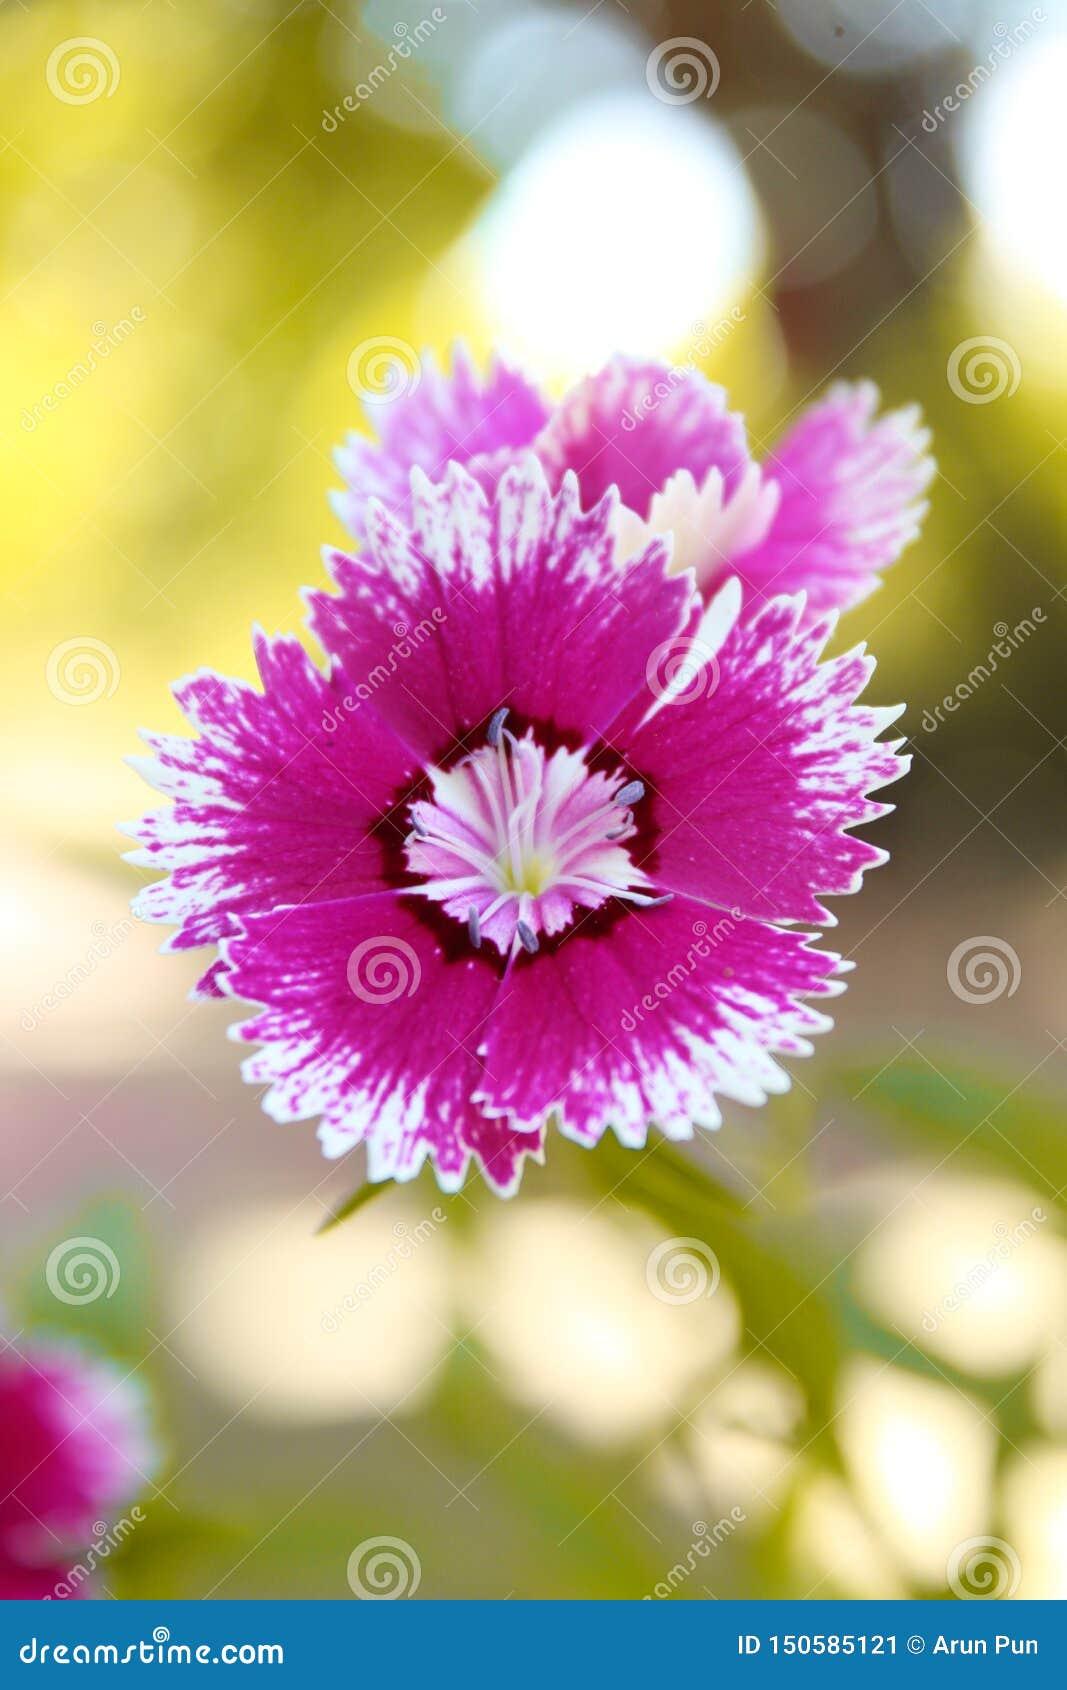 Voilet flower